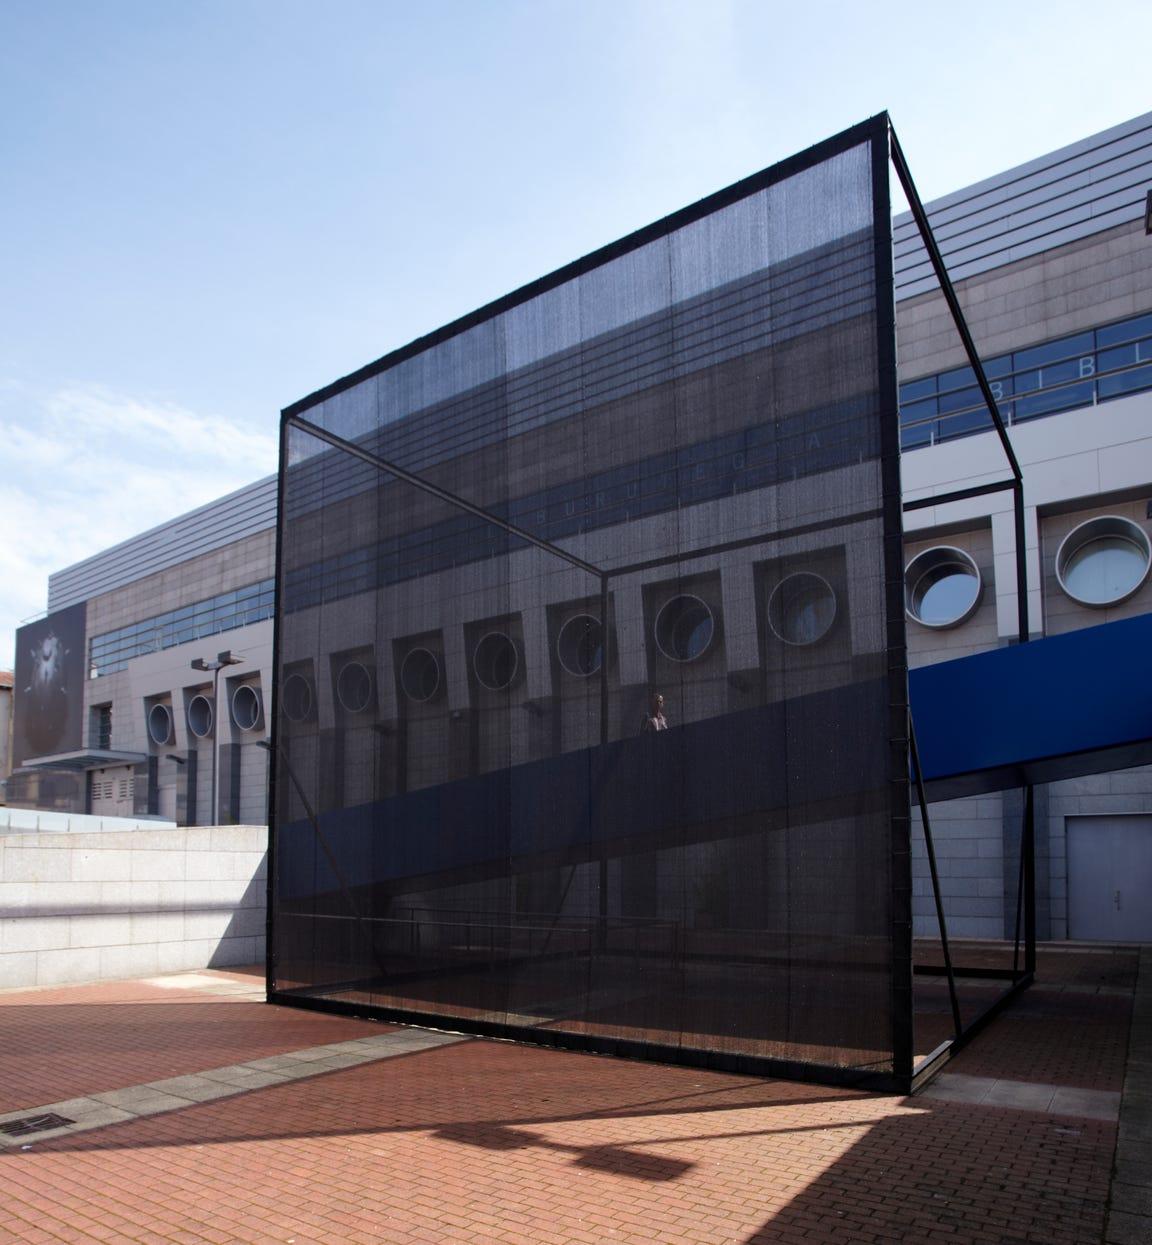 """""""Cuadrado Negro,"""" 2013 by Pia Camil at Basque Museum-Center of Contemporary Art"""